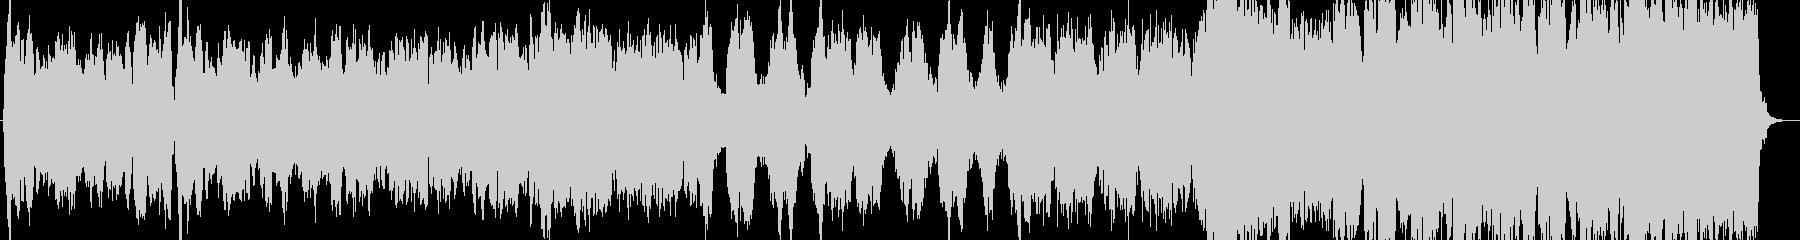 組曲『惑星』より、木星のメイン部分の抜粋の未再生の波形